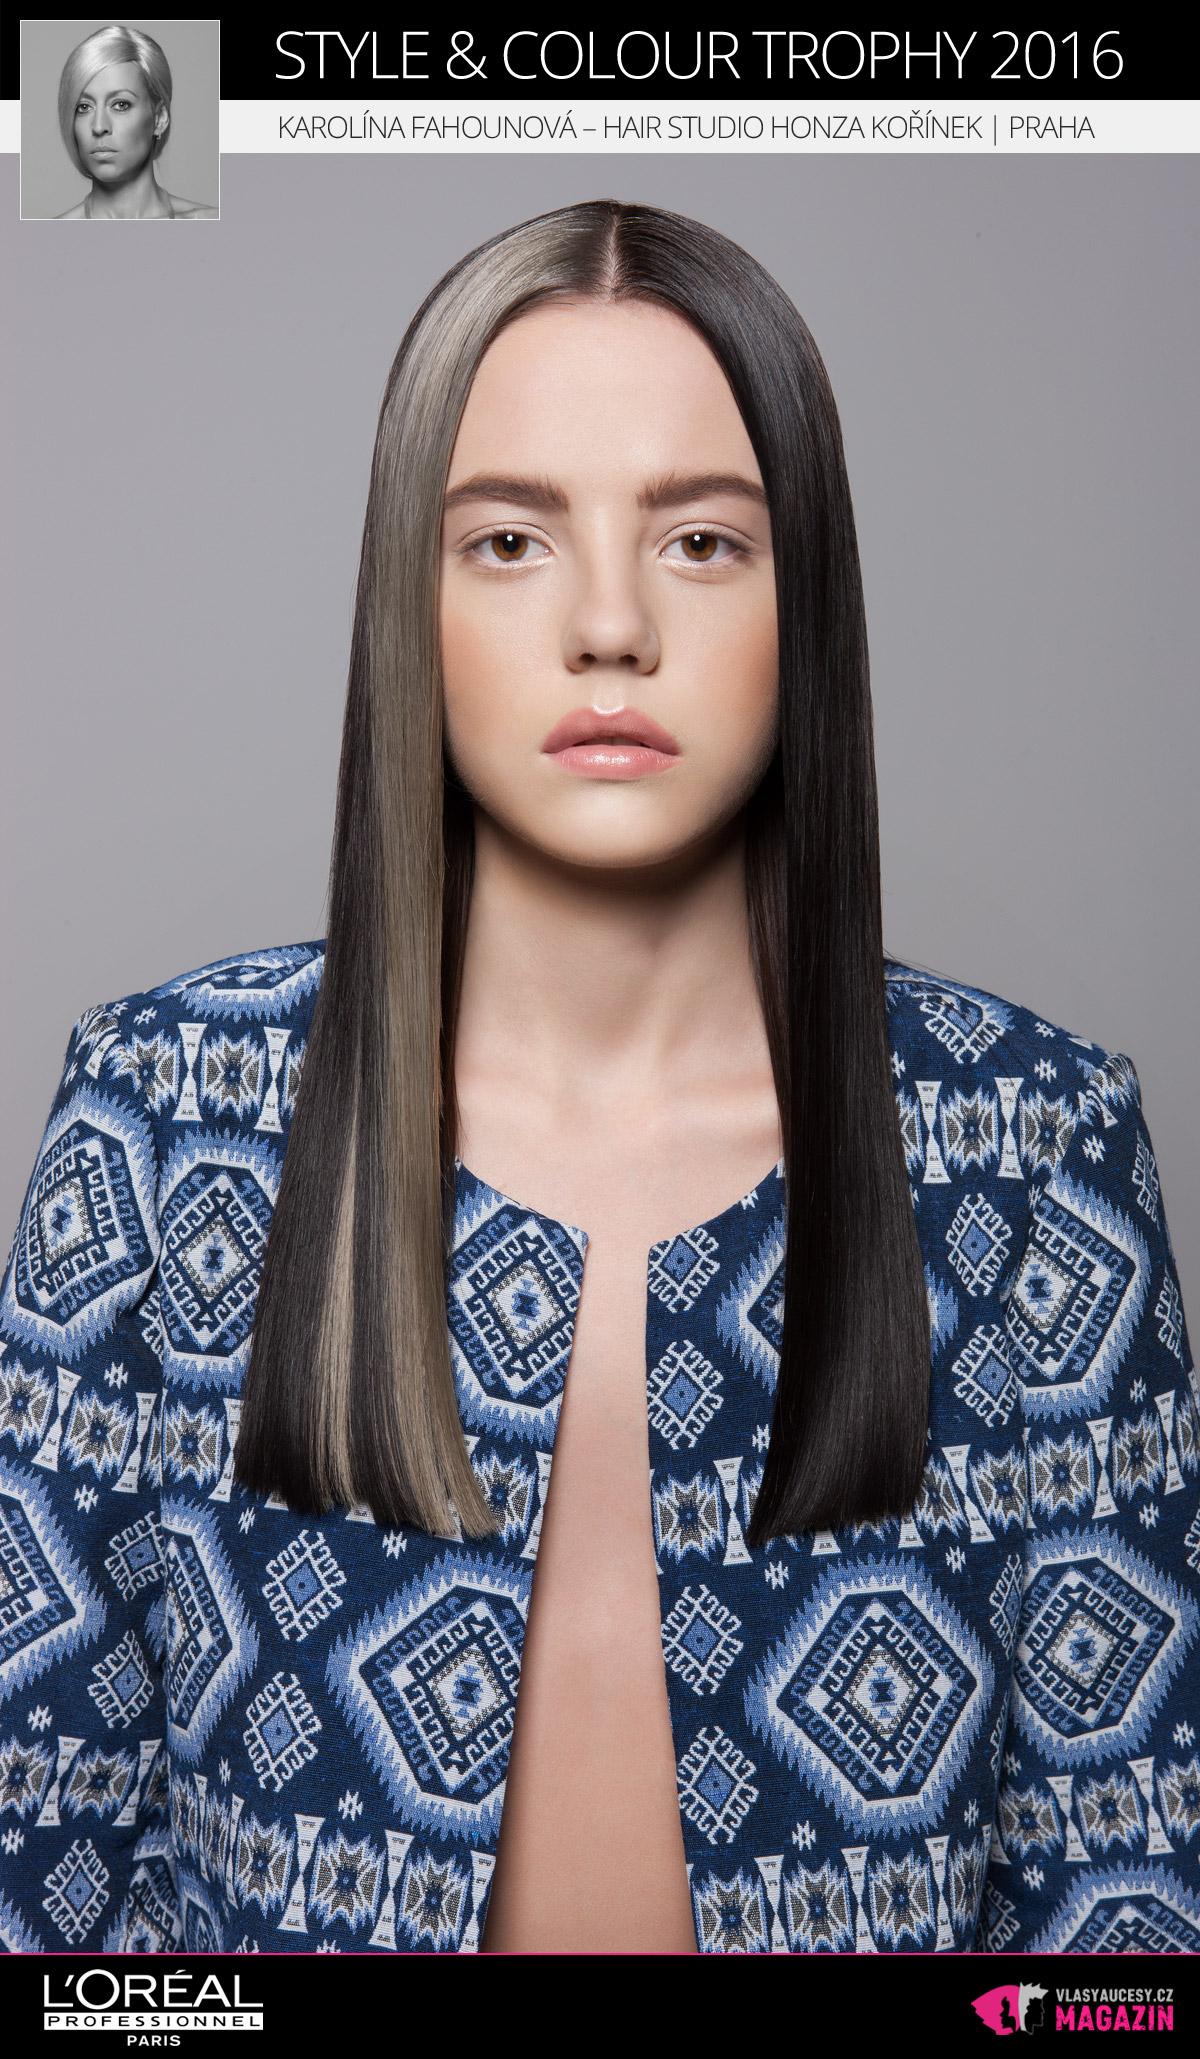 Karolína Fahounová – Hair Studio Honza Kořínek, Praha | L'Oréal Style & Colour Trophy 2016